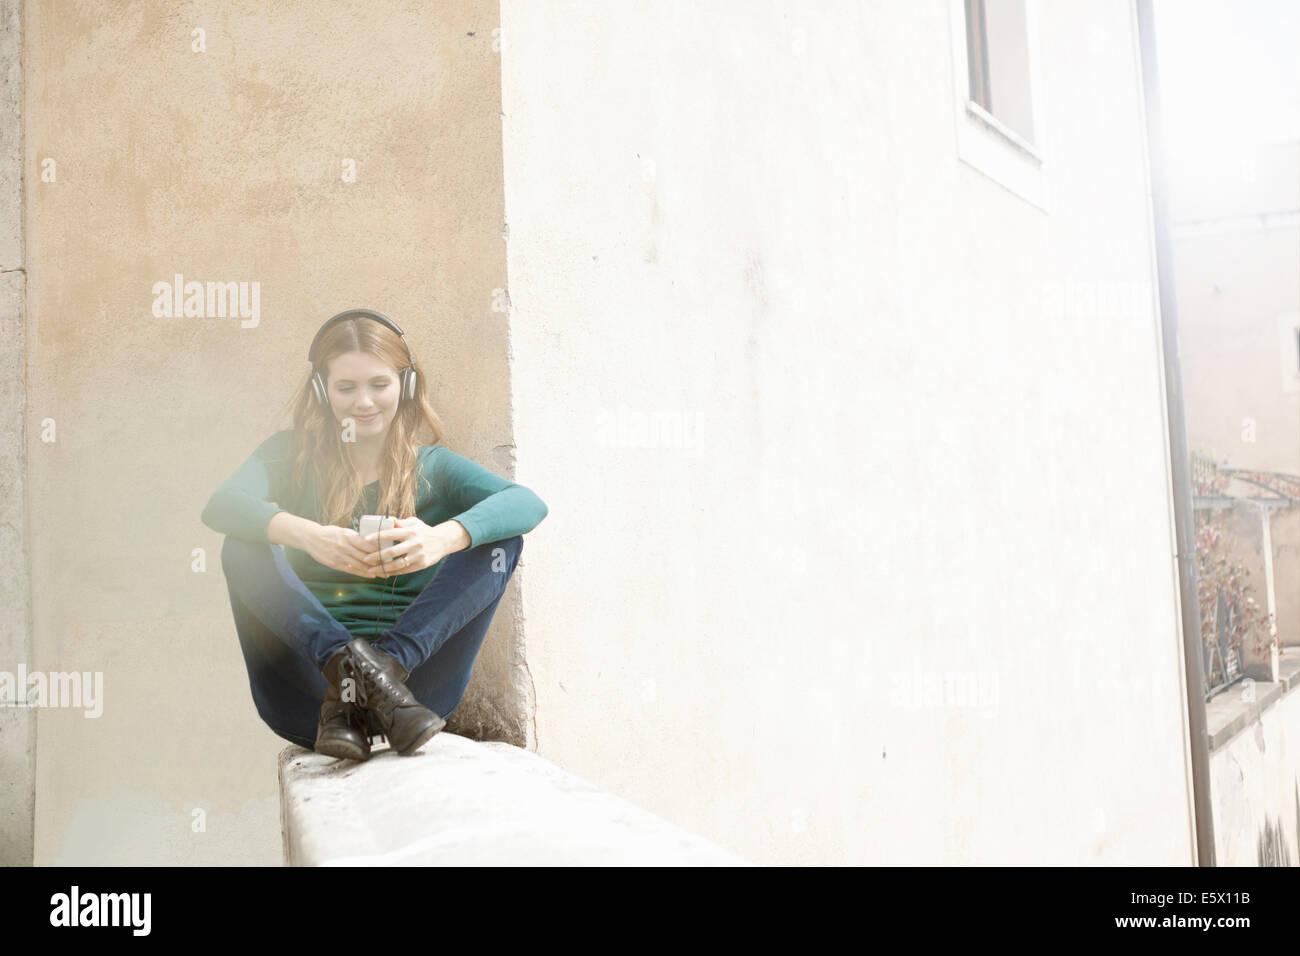 Junge Frau sitzt cross legged anhören von Musik über Kopfhörer Stockbild